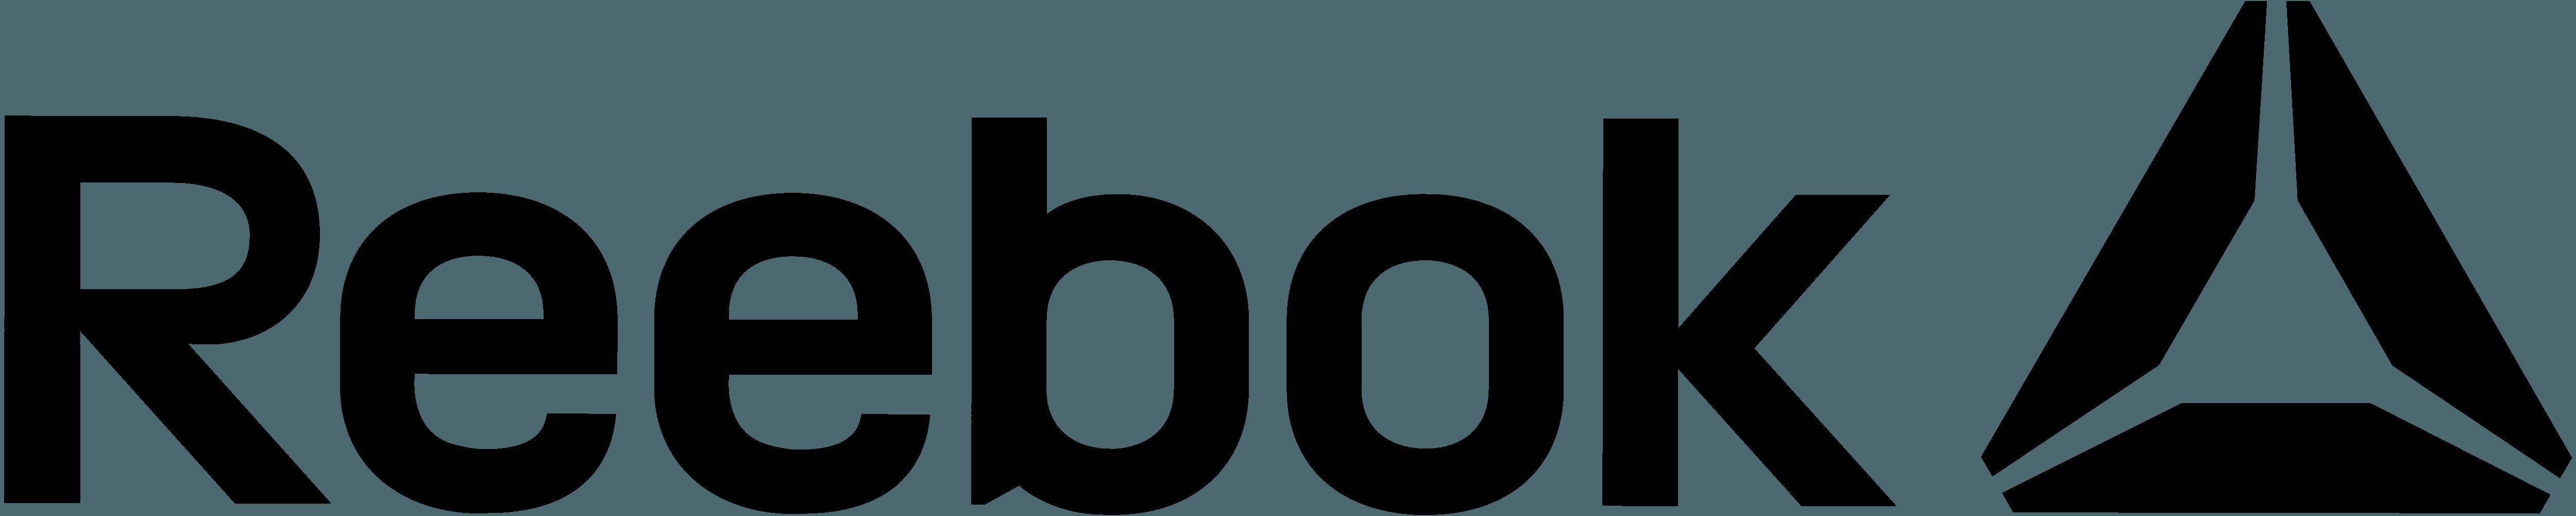 reebok-logo-png-icons-logos-emojis-5000-1.png